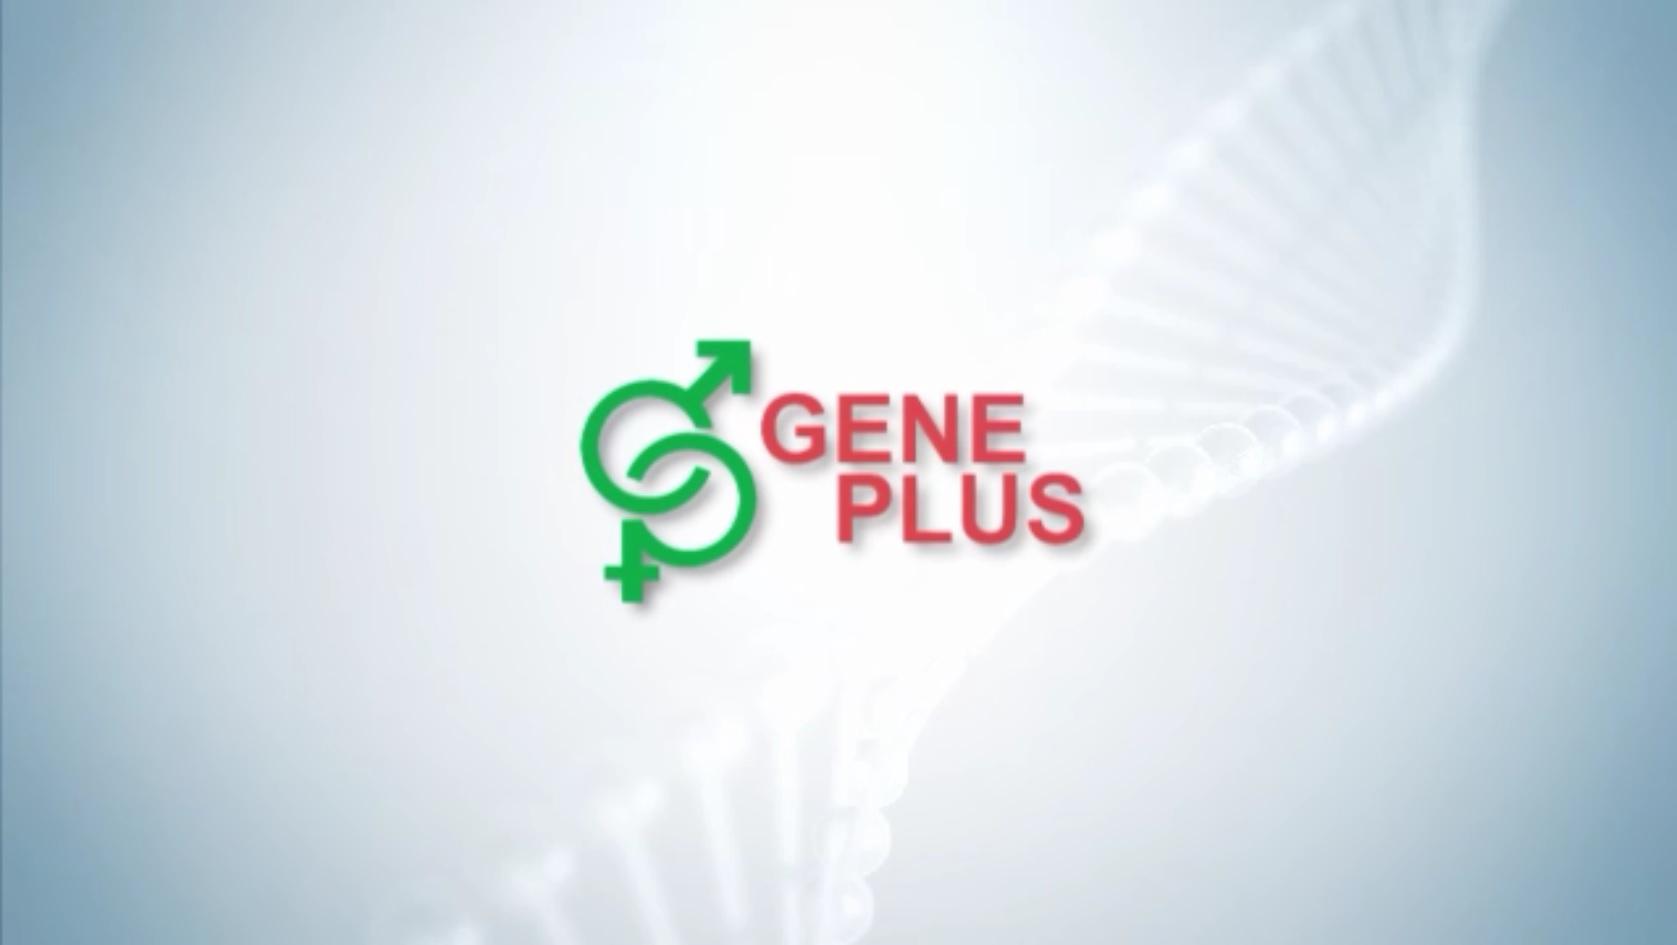 gene plus